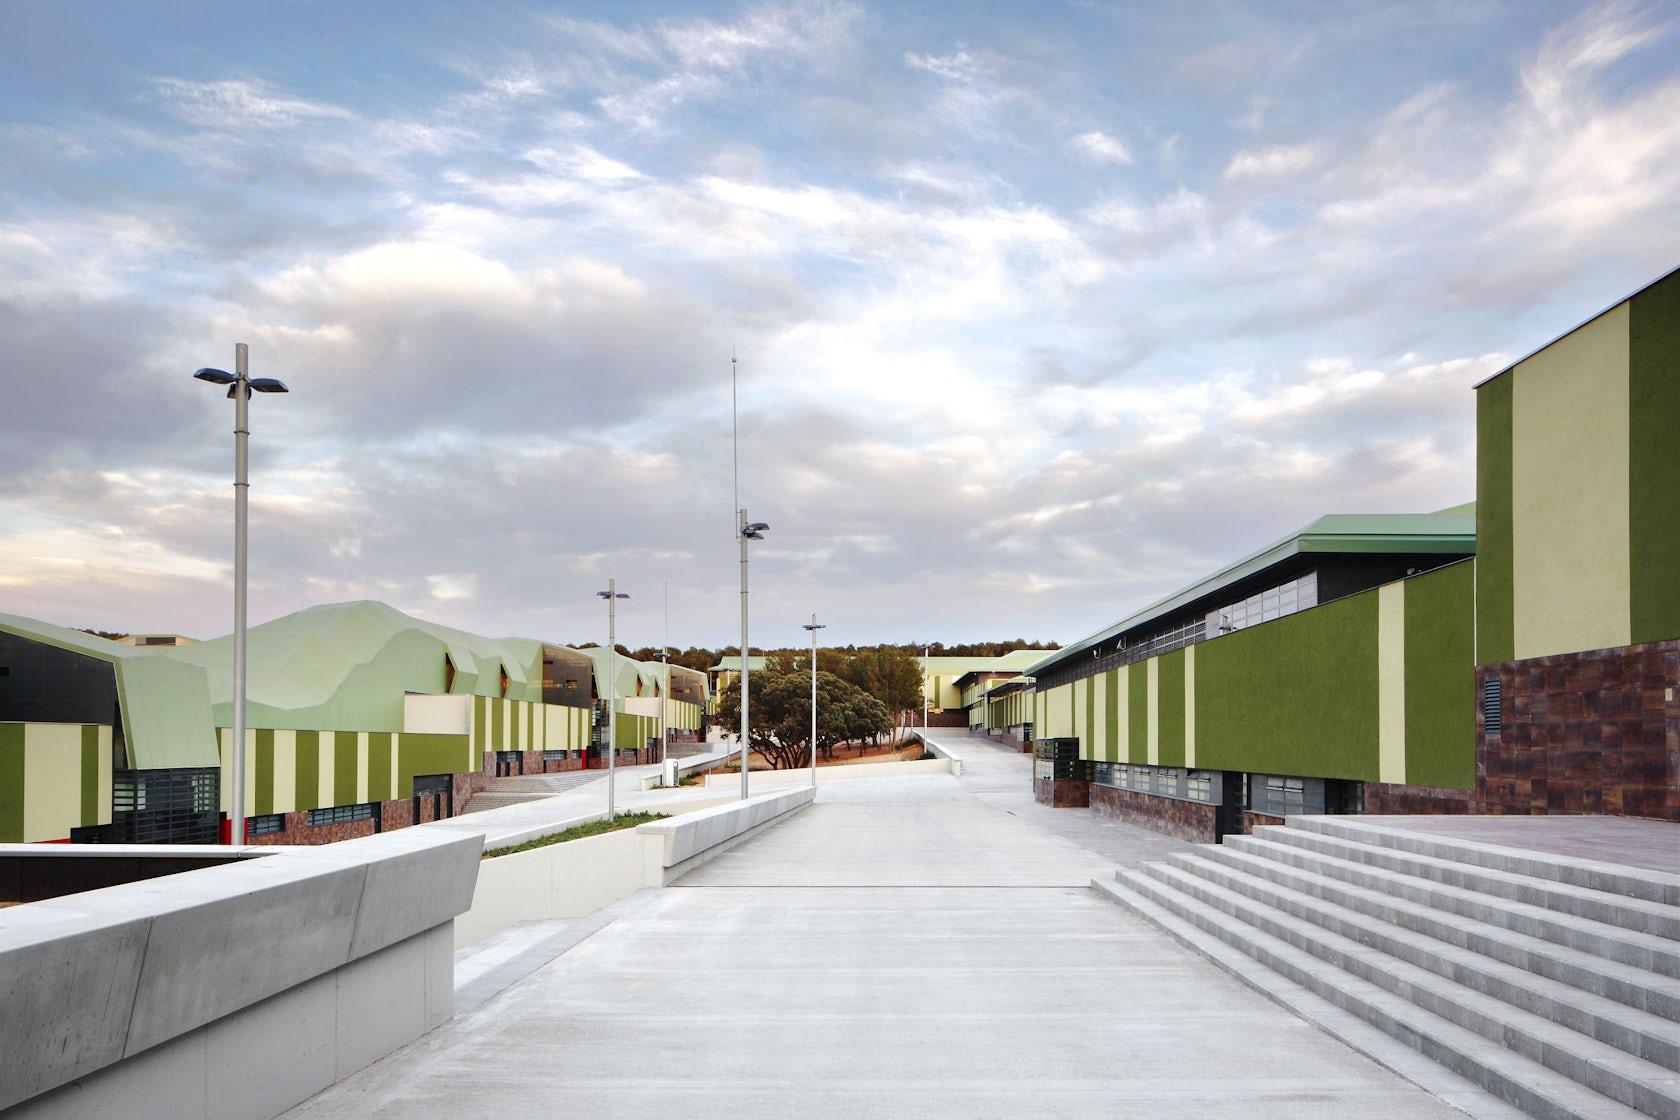 Mas d 39 enric penitentiary catalonia architizer - Mas arquitectura ...